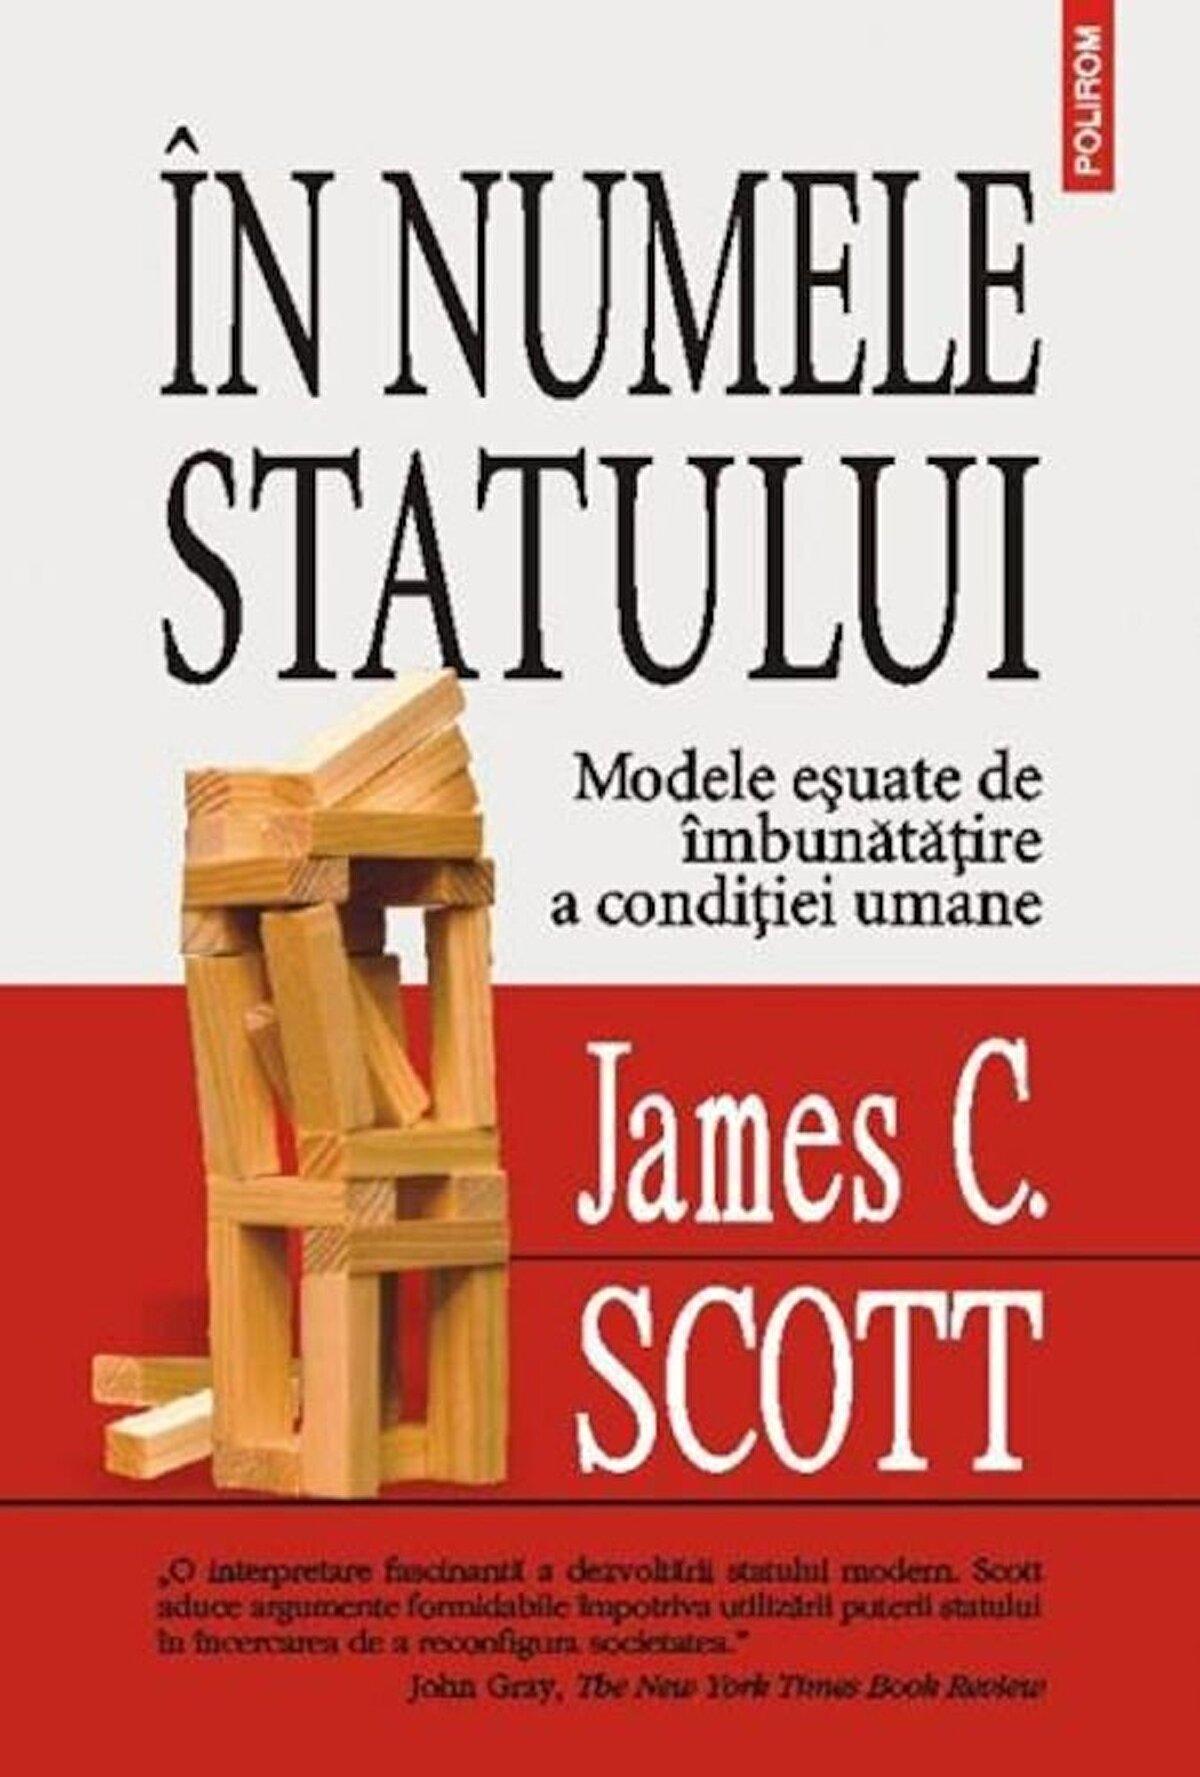 In numele statului. Modele esuate de imbunatatire a conditiei umane